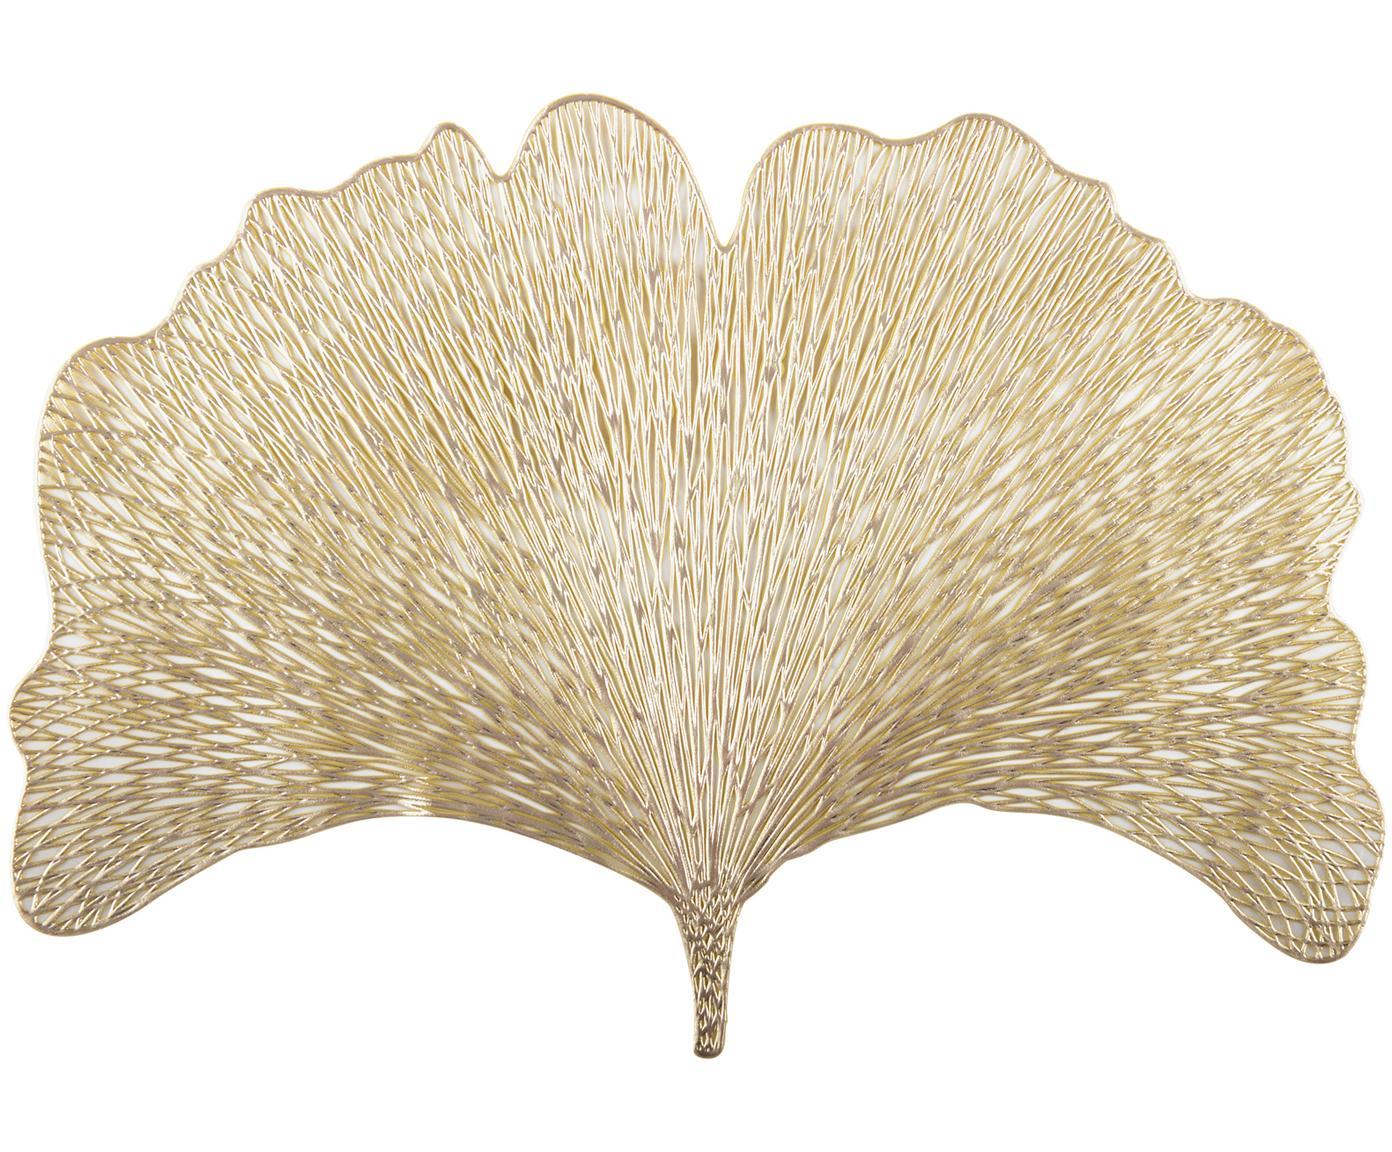 Goldene Tischsets Ginkgo in Blattform, 2 Stück, Kunststoff, Goldfarben, 30 x 44 cm